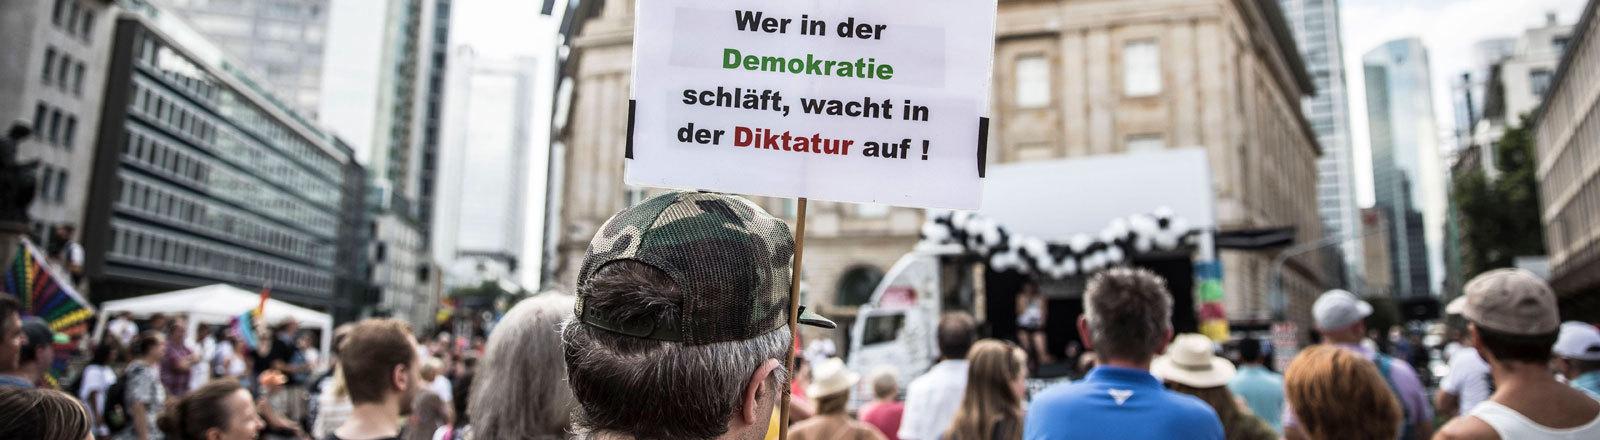 Demo der Querdenken-Initiative und ihrer Anhänger in Frankfurt.